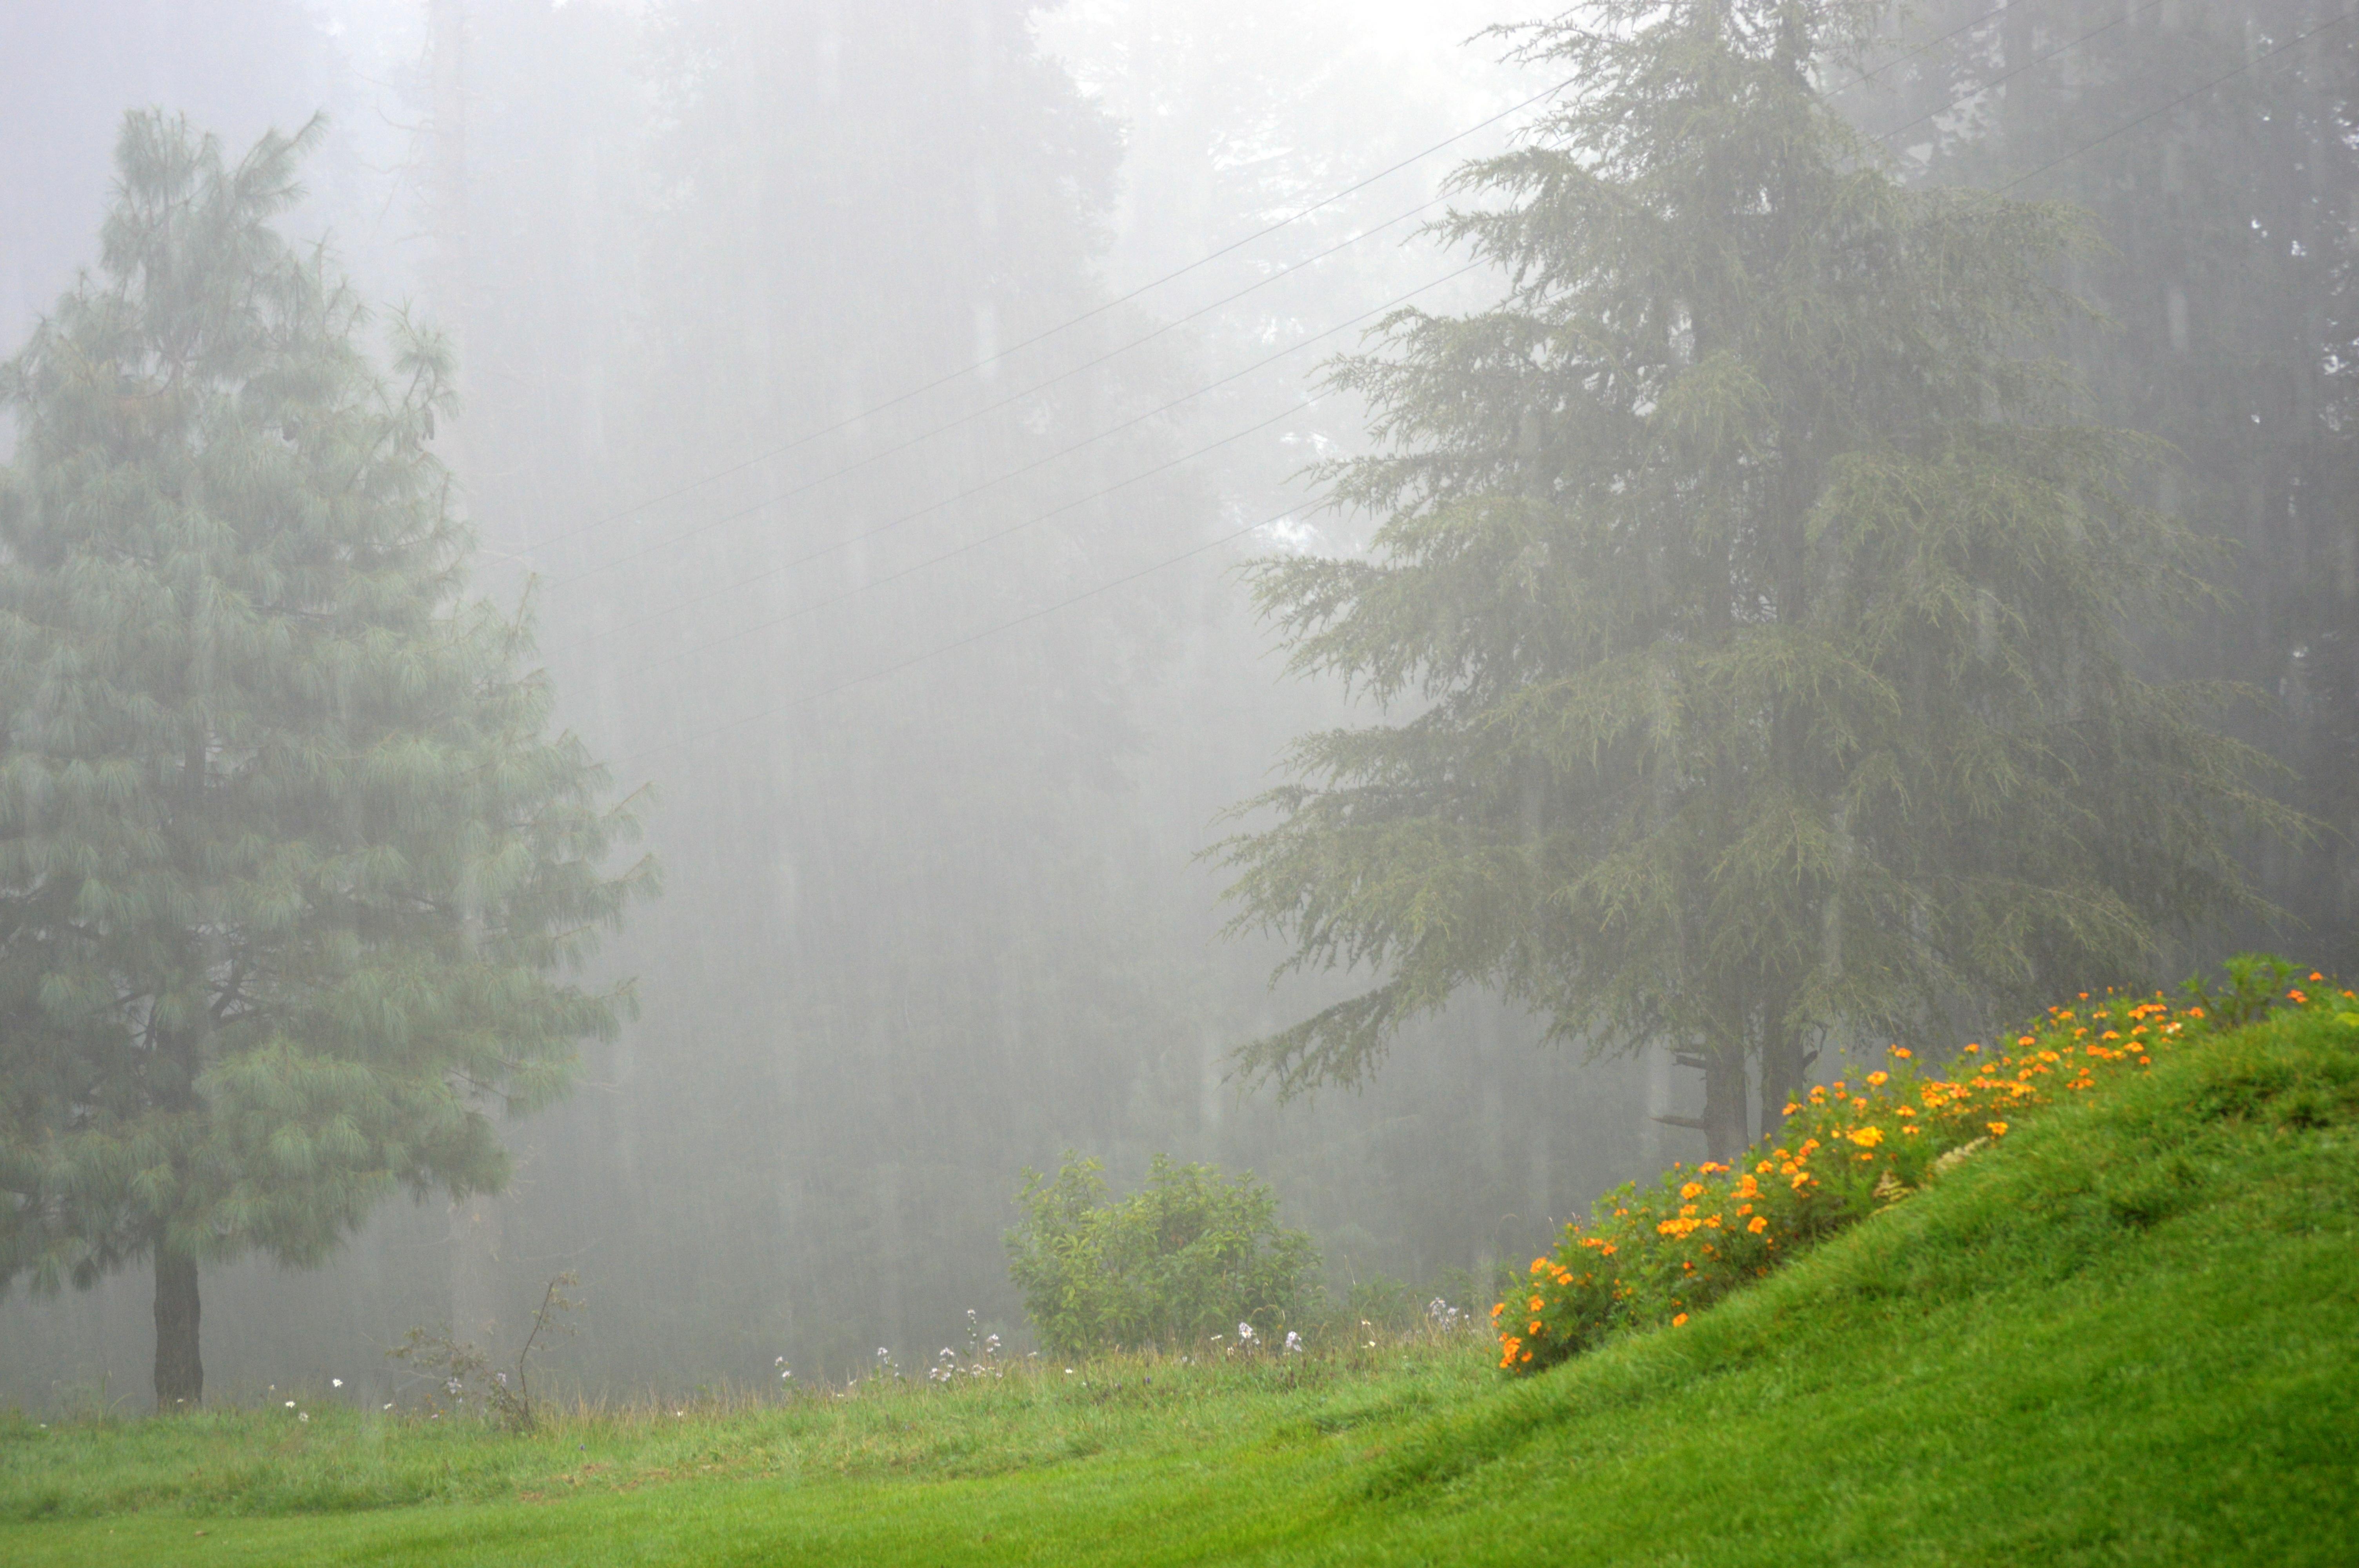 Картинки дождя и тумана